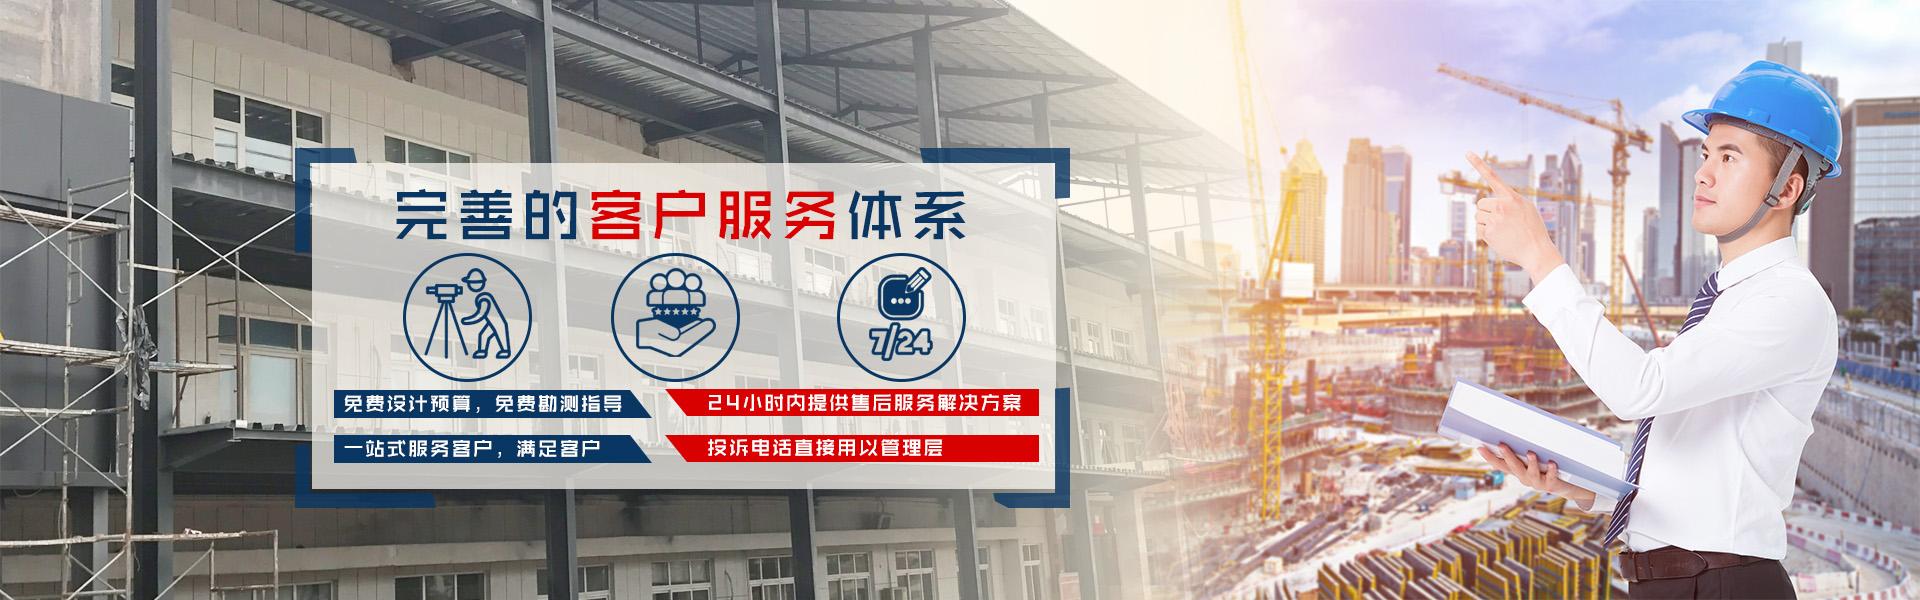 长葛市永益钢结构工程有限公司